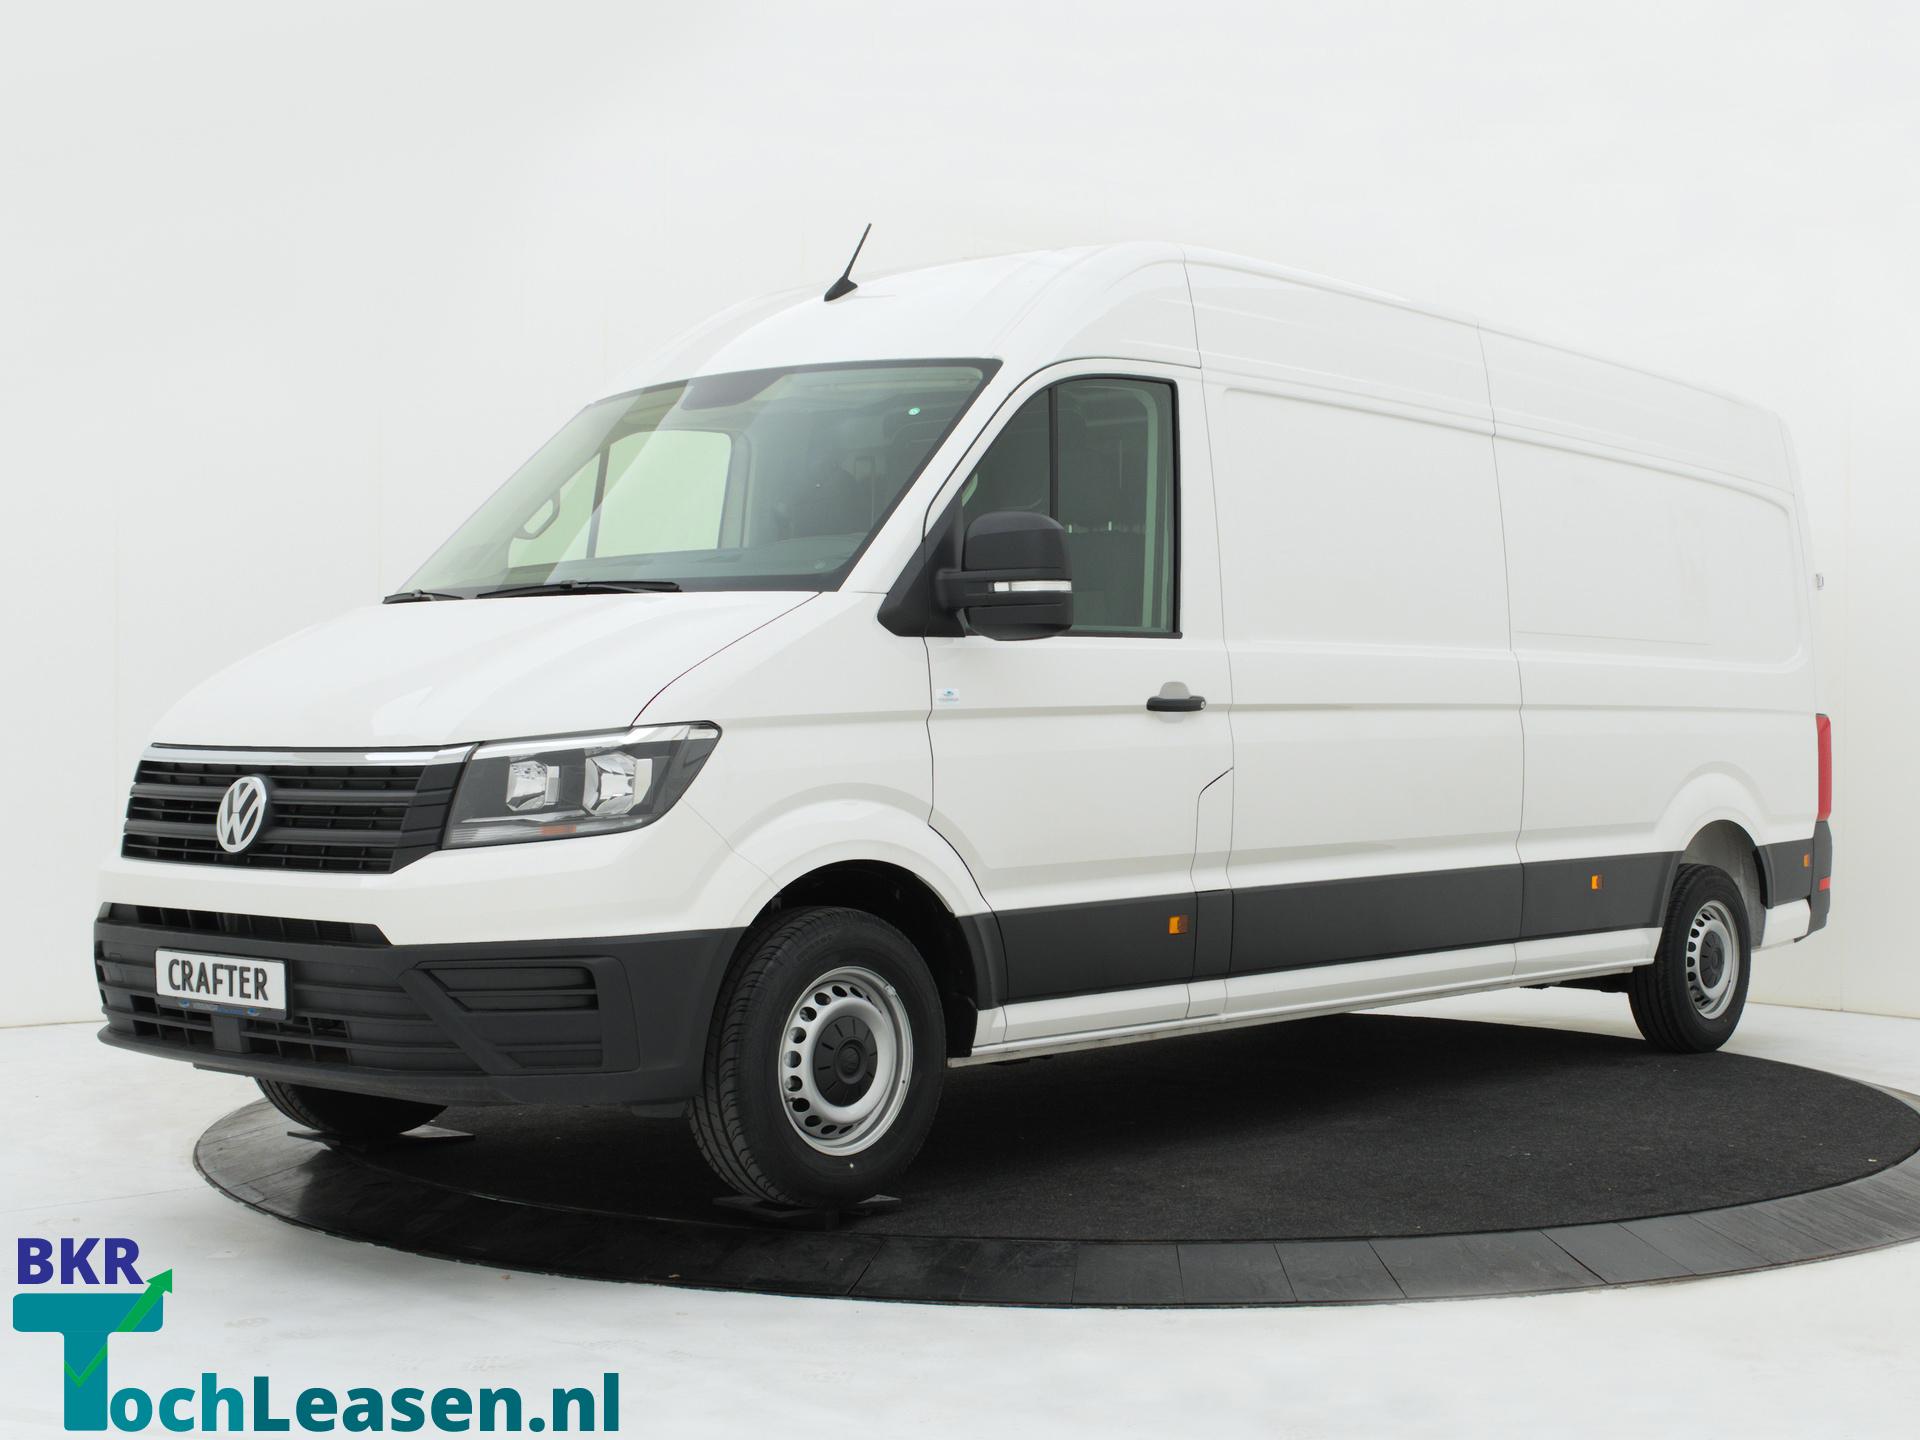 BkrTochLeasen.nl - Witte Volkswagen Crafter 1